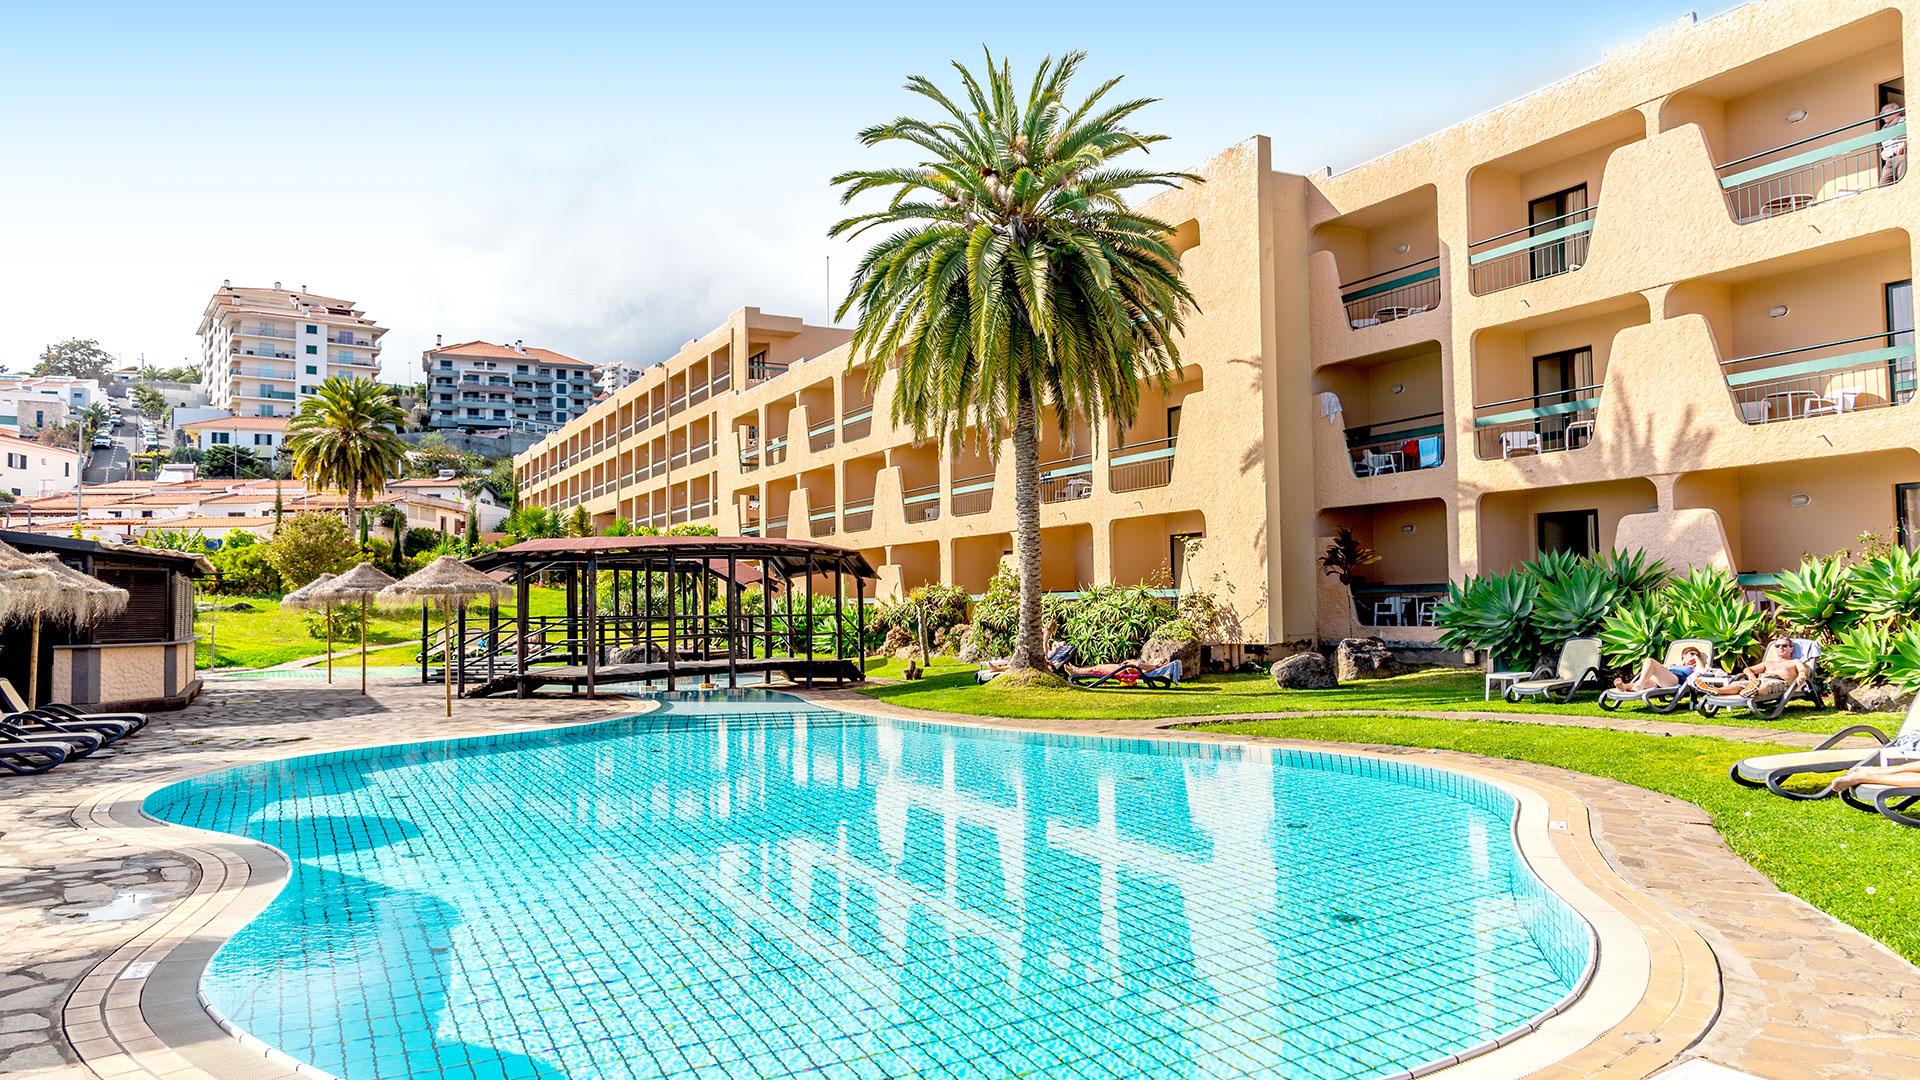 Viešbutis DOM PEDRO GARAJAU APARTMENT & NATURE